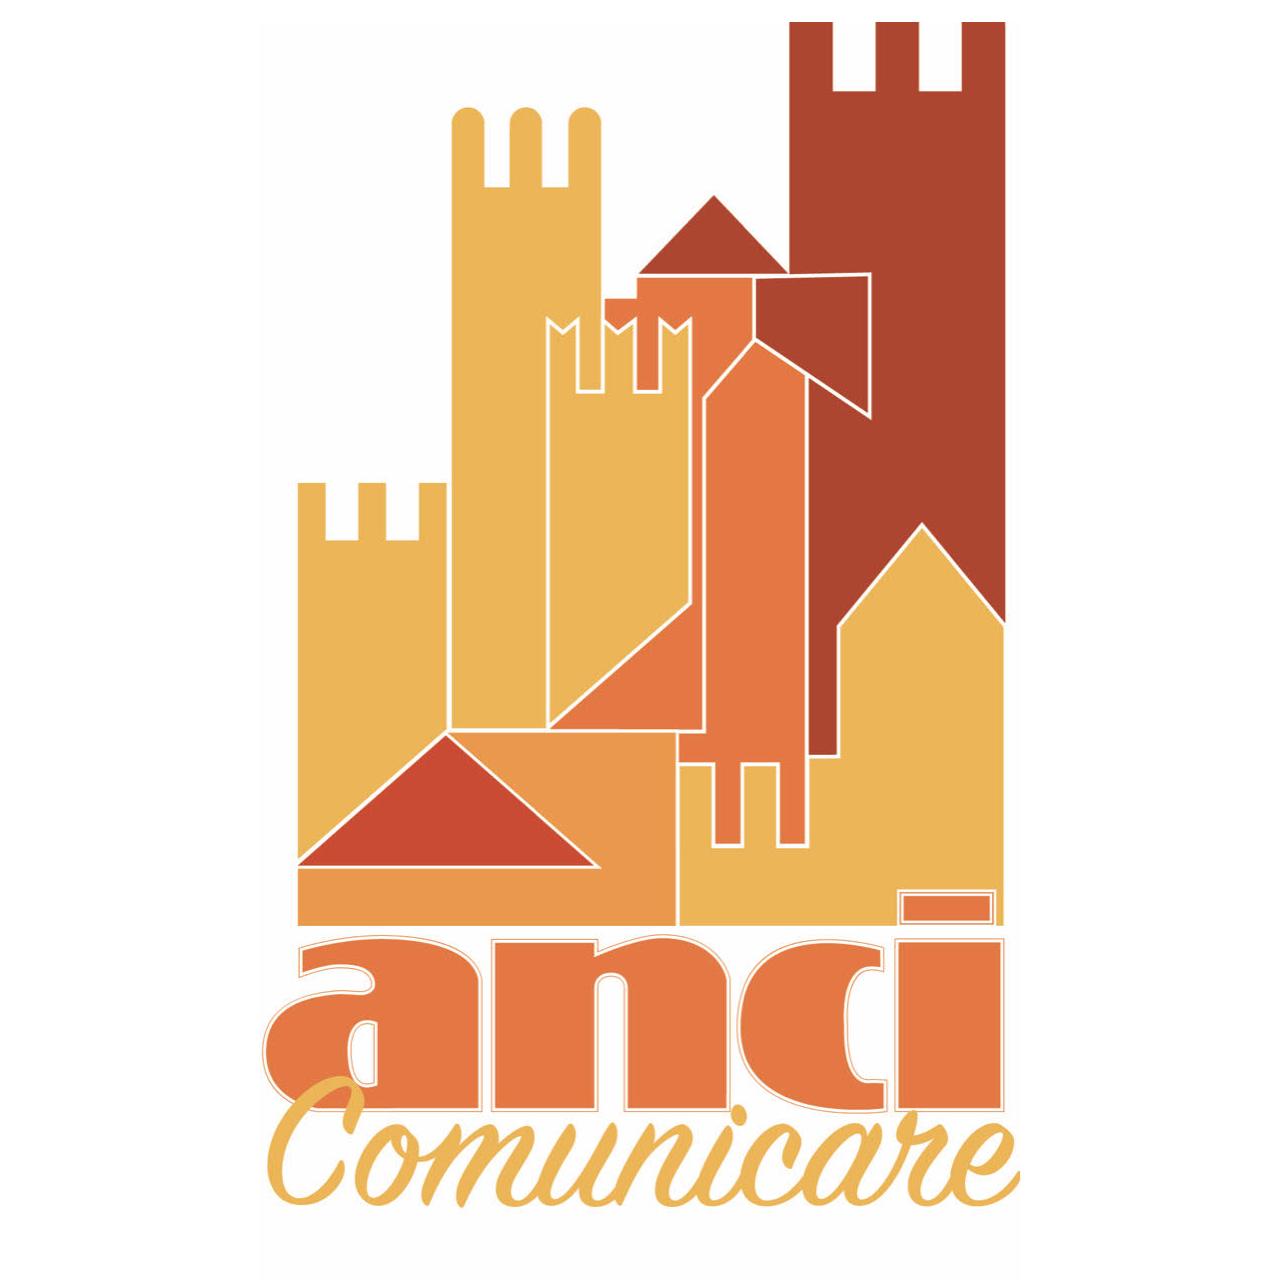 Anci Comunicare